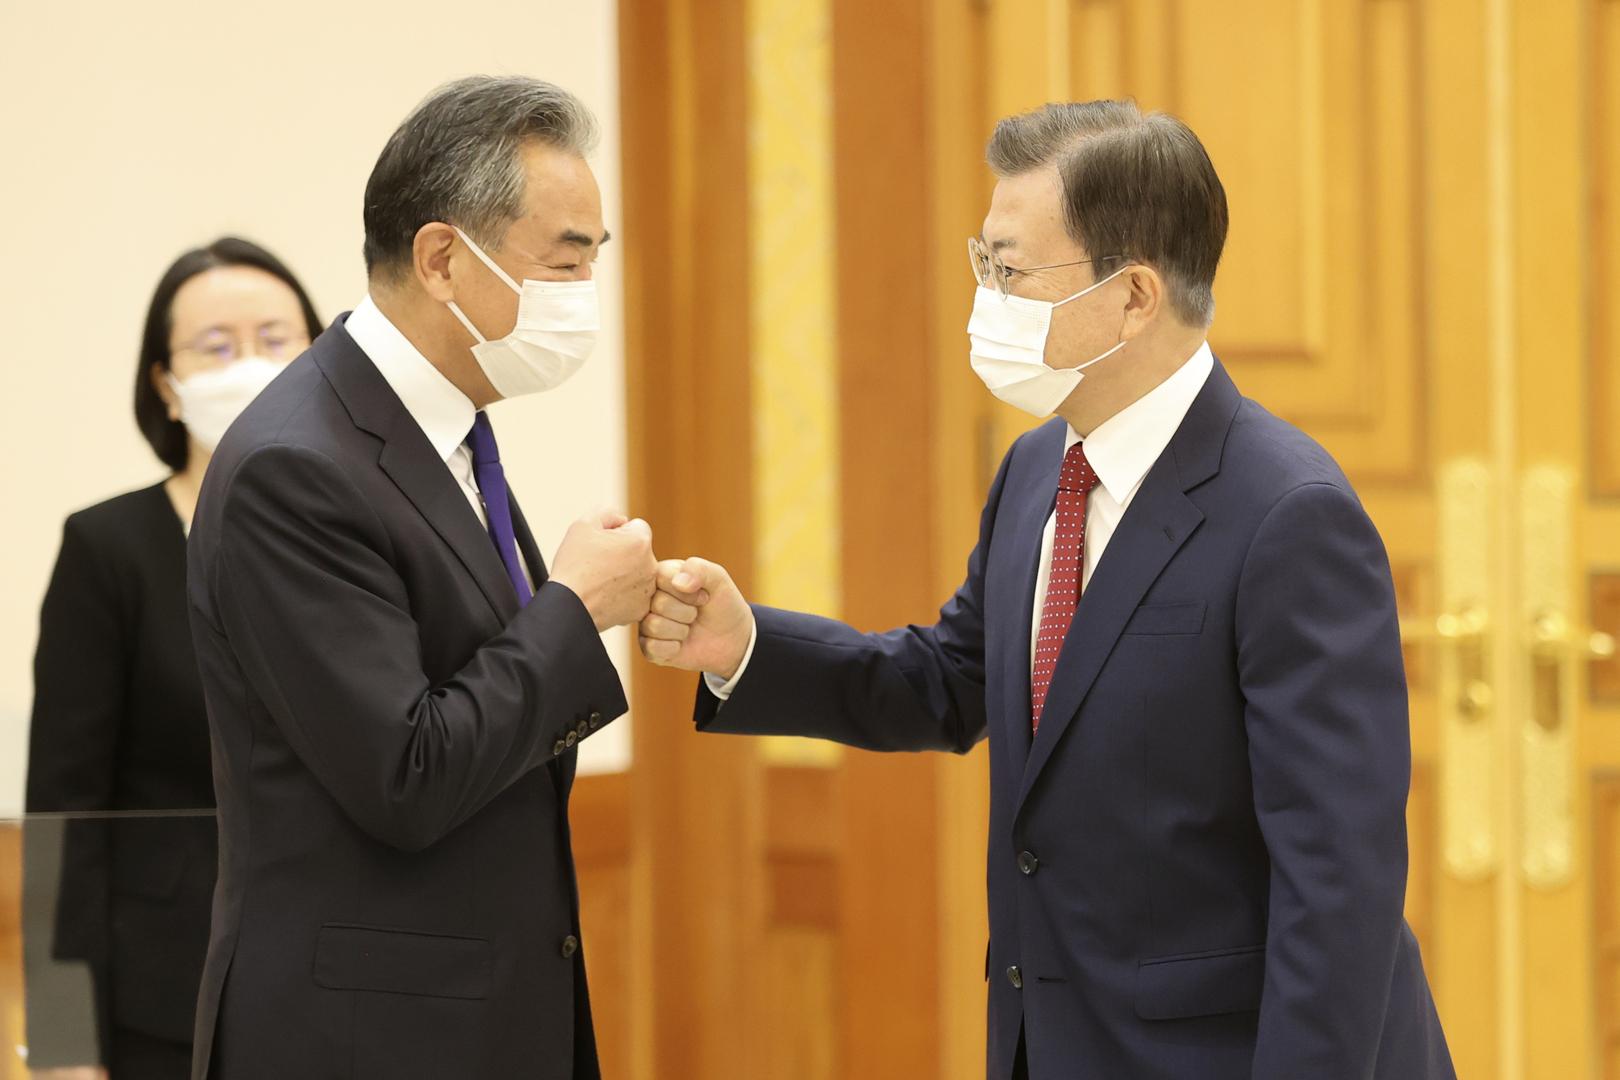 مون يطلب دعم الصين لعملية السلام في شبه الجزيرة الكورية